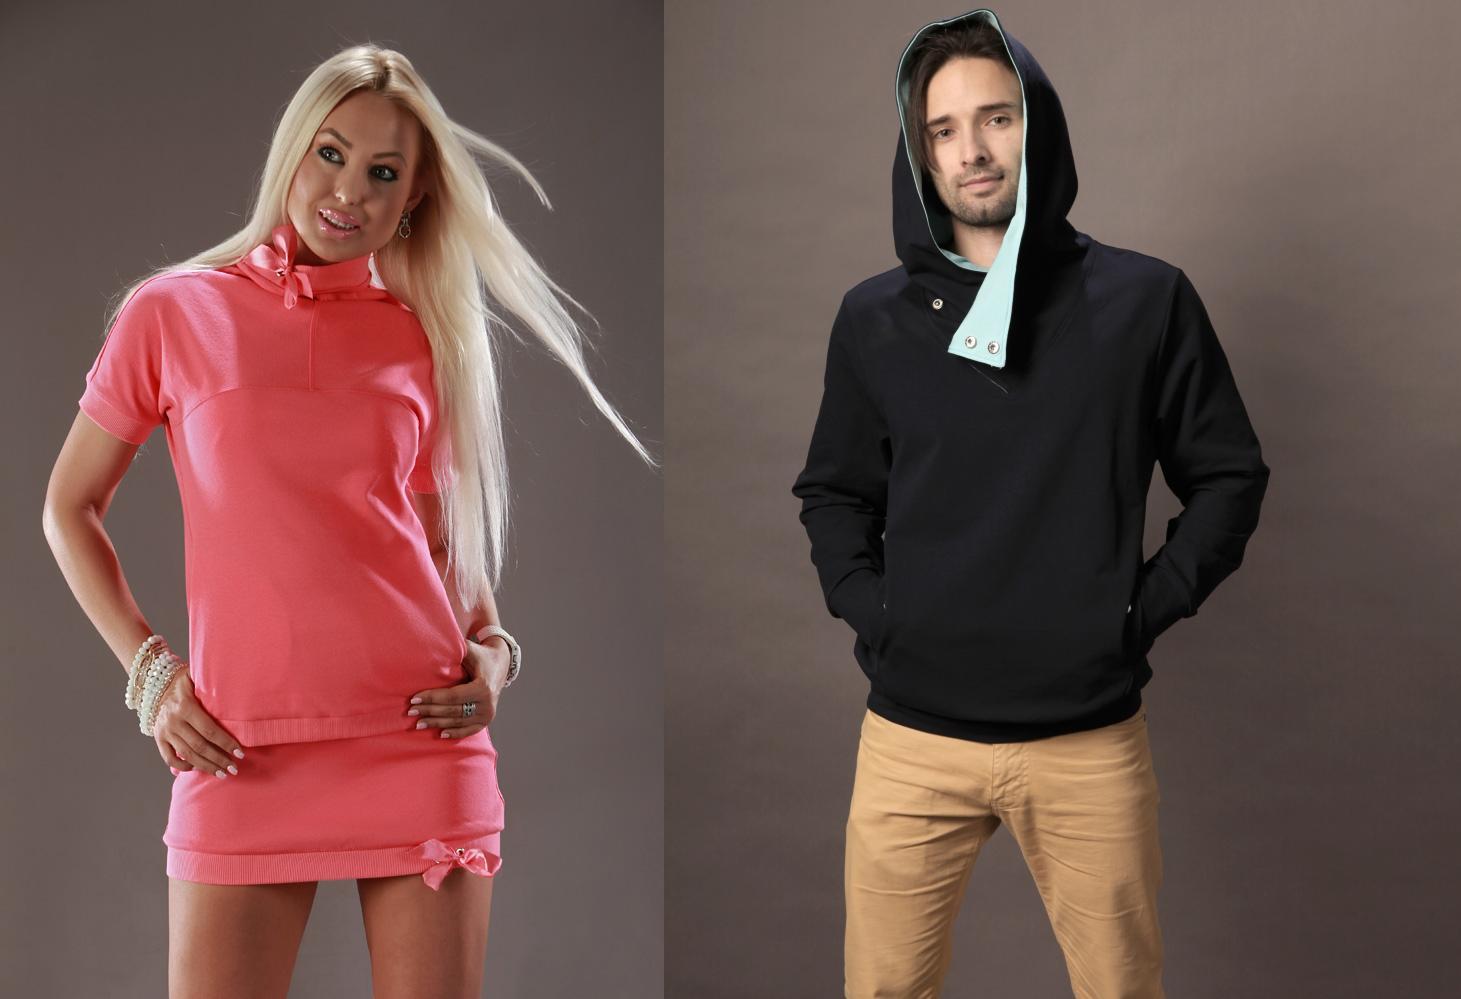 Уважаемые участники закупки. Очень ждем ваших отзывов. БРБ- молодежная одежда по дико низким ценам! Ткани из хлопка и вискозы, цены всего от 130 руб.!! Одеваемся модно, экономно и комфортно!